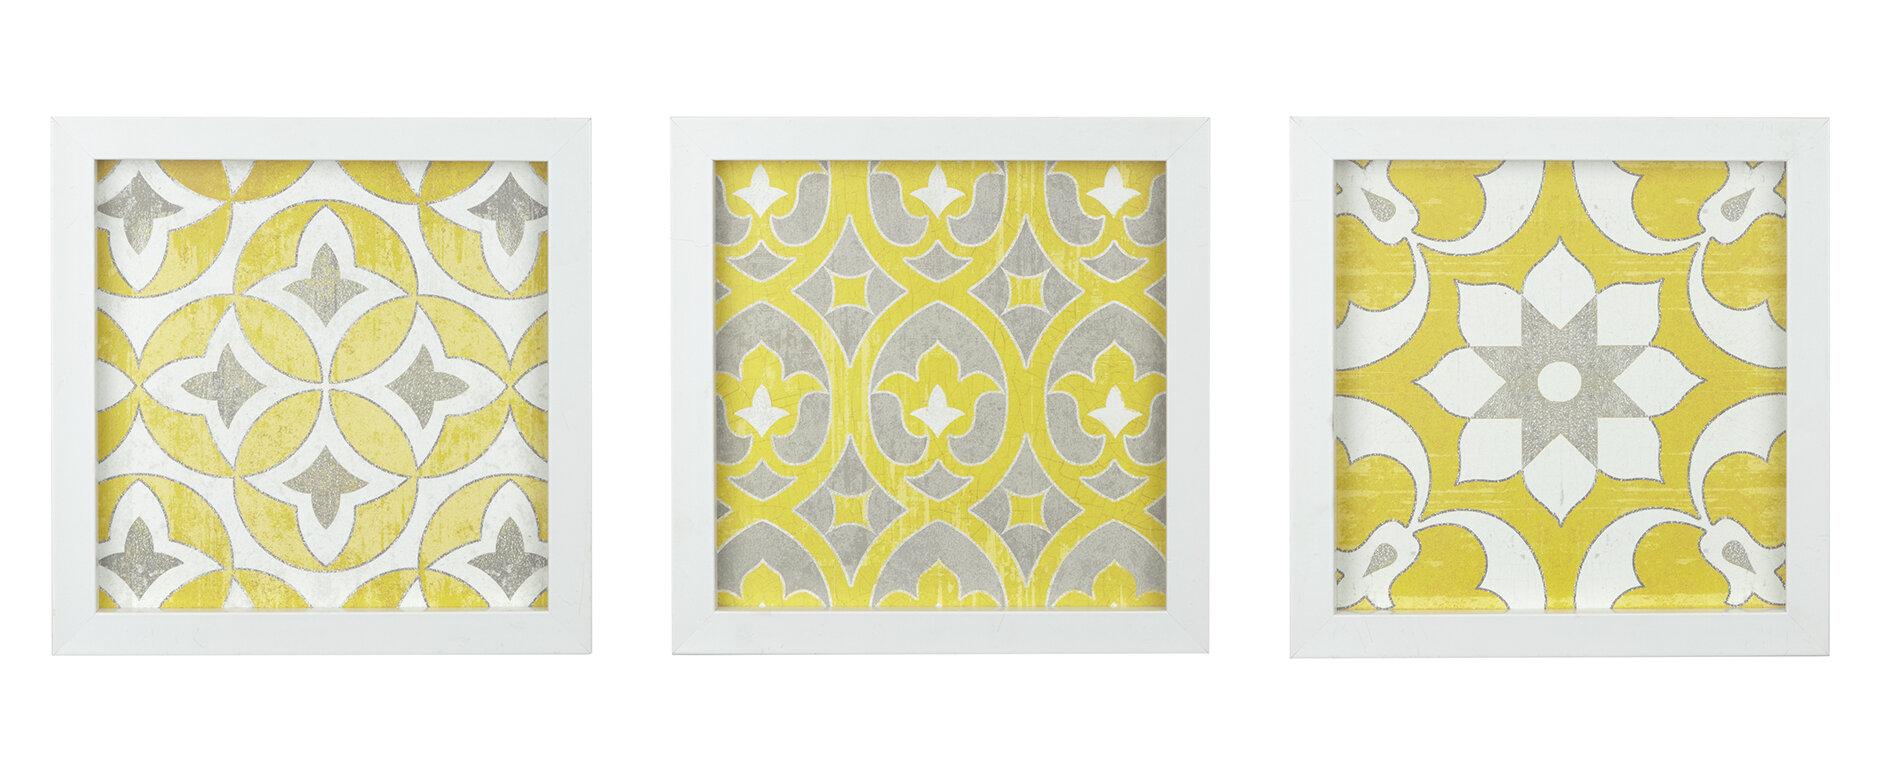 Exelent Wall Art Set Of 3 Sketch - Art & Wall Decor - hecatalog.info